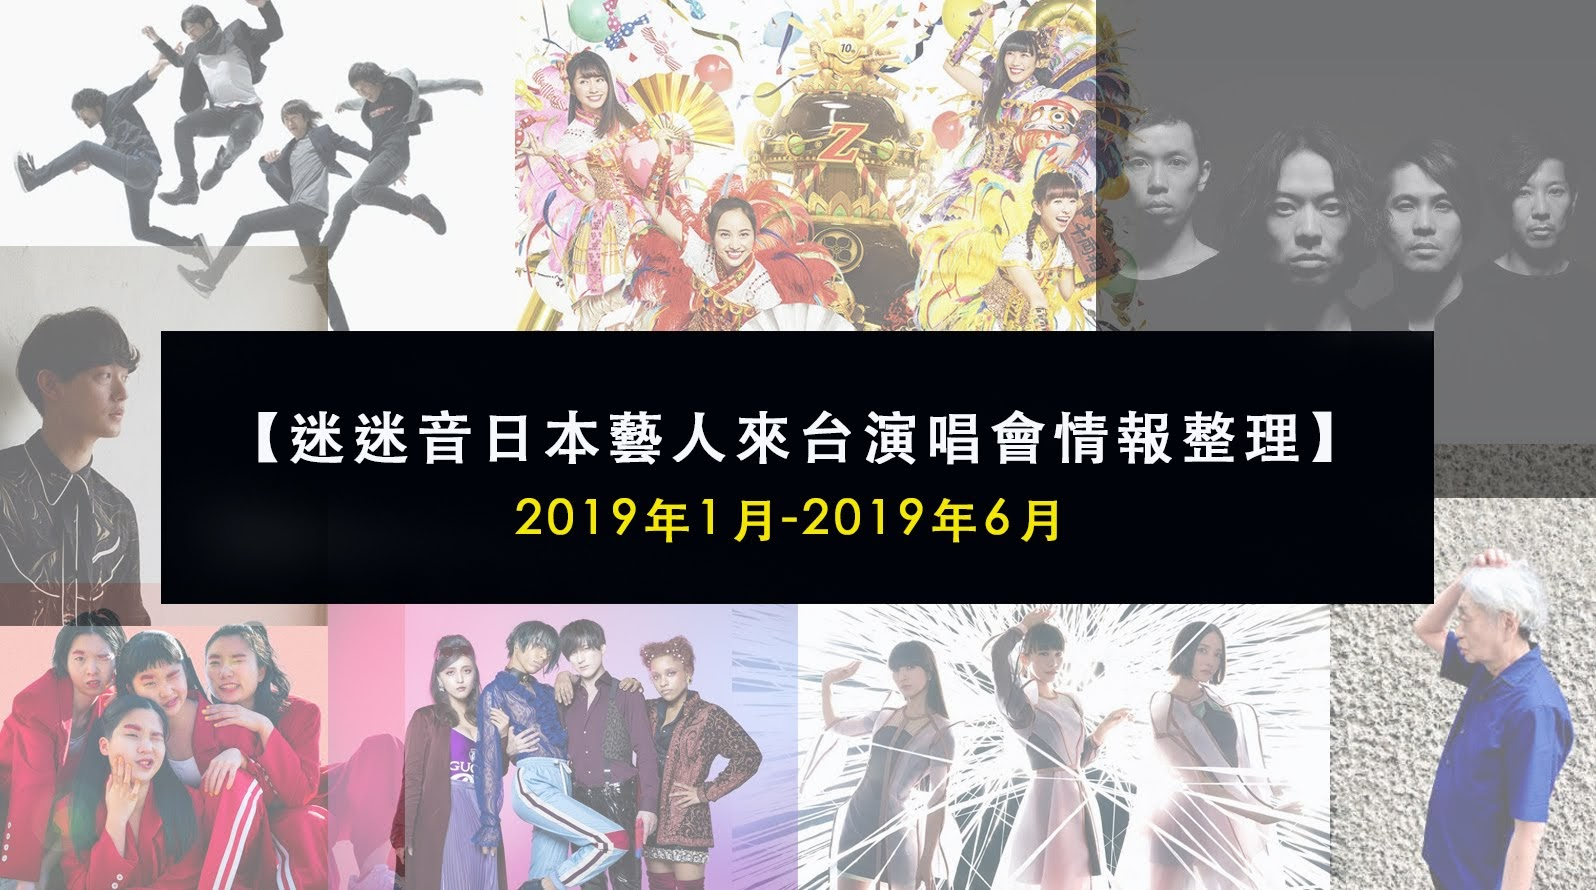 【迷迷音日本藝人來台演唱會情報整理】2019年1月-2019年6月